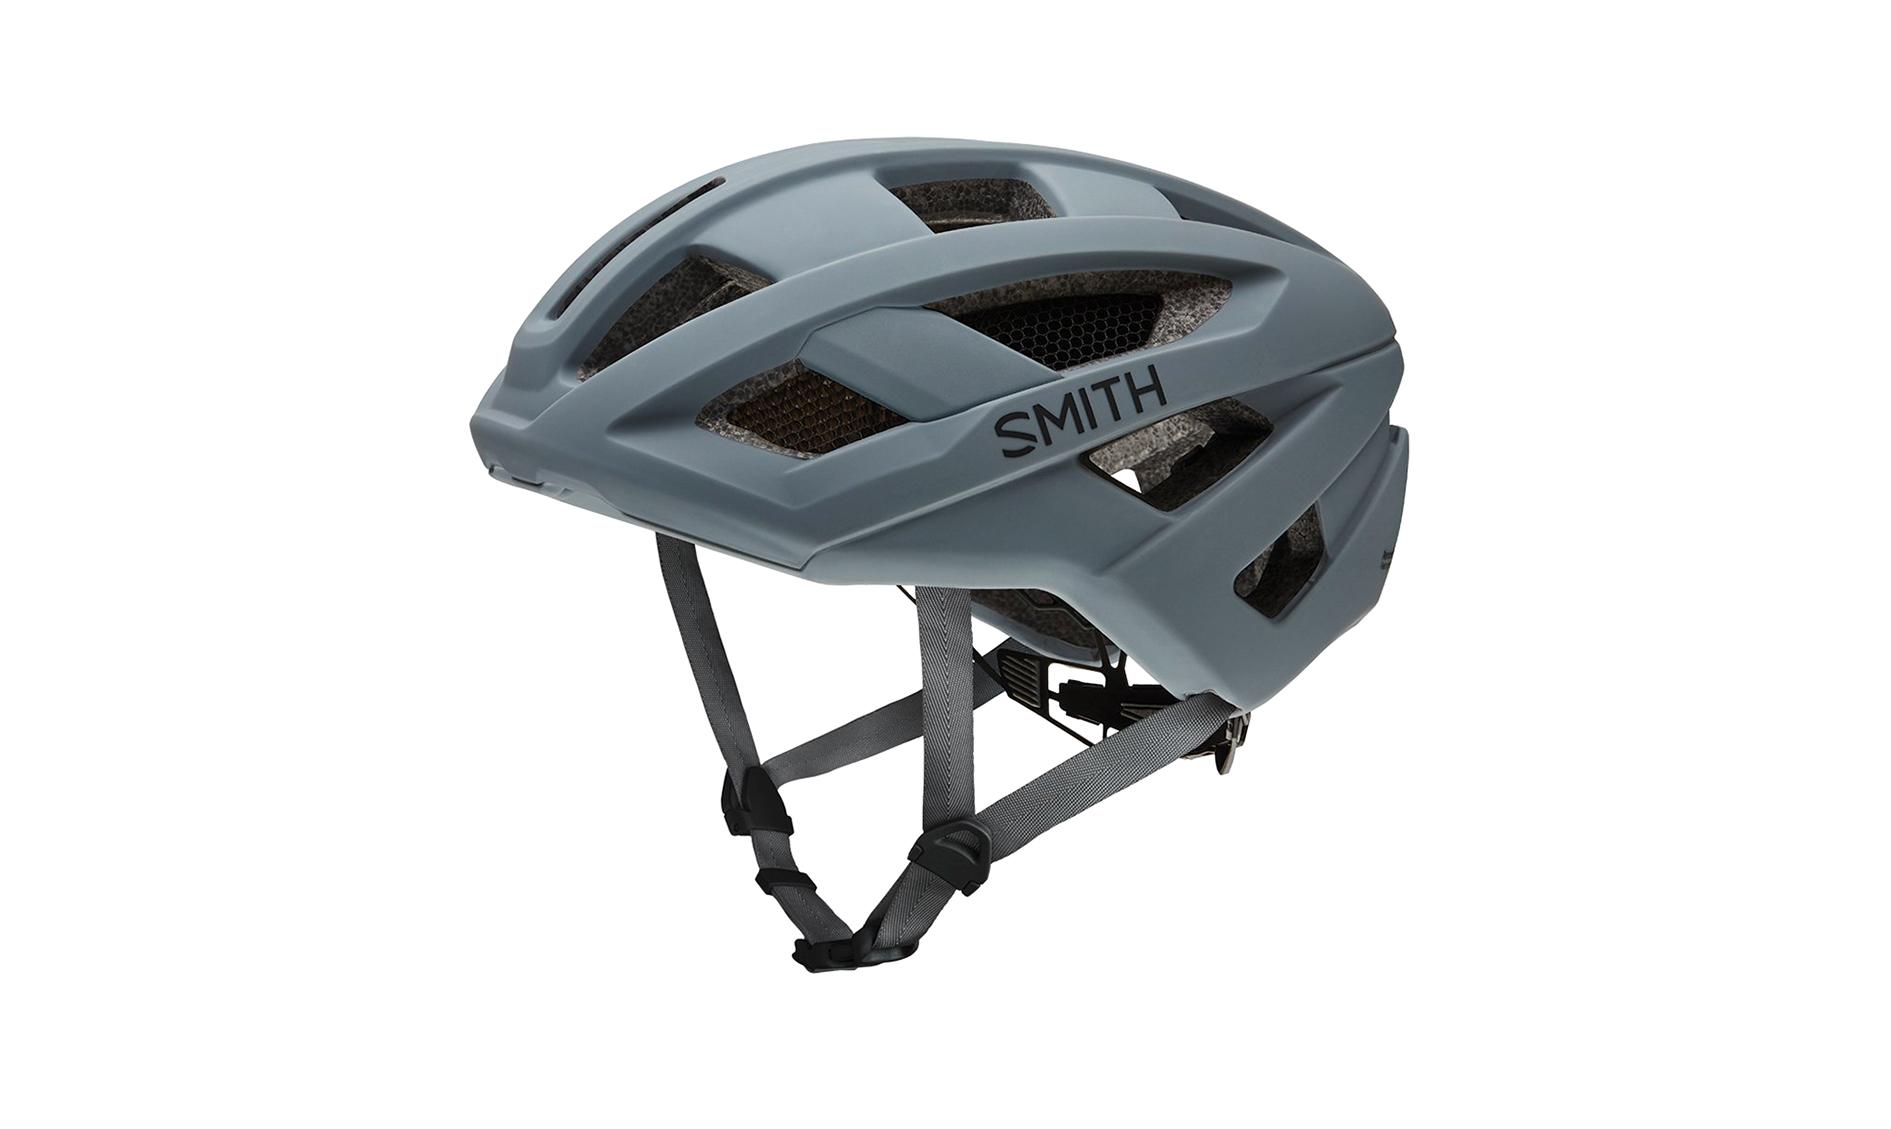 Smith-gray-helmet